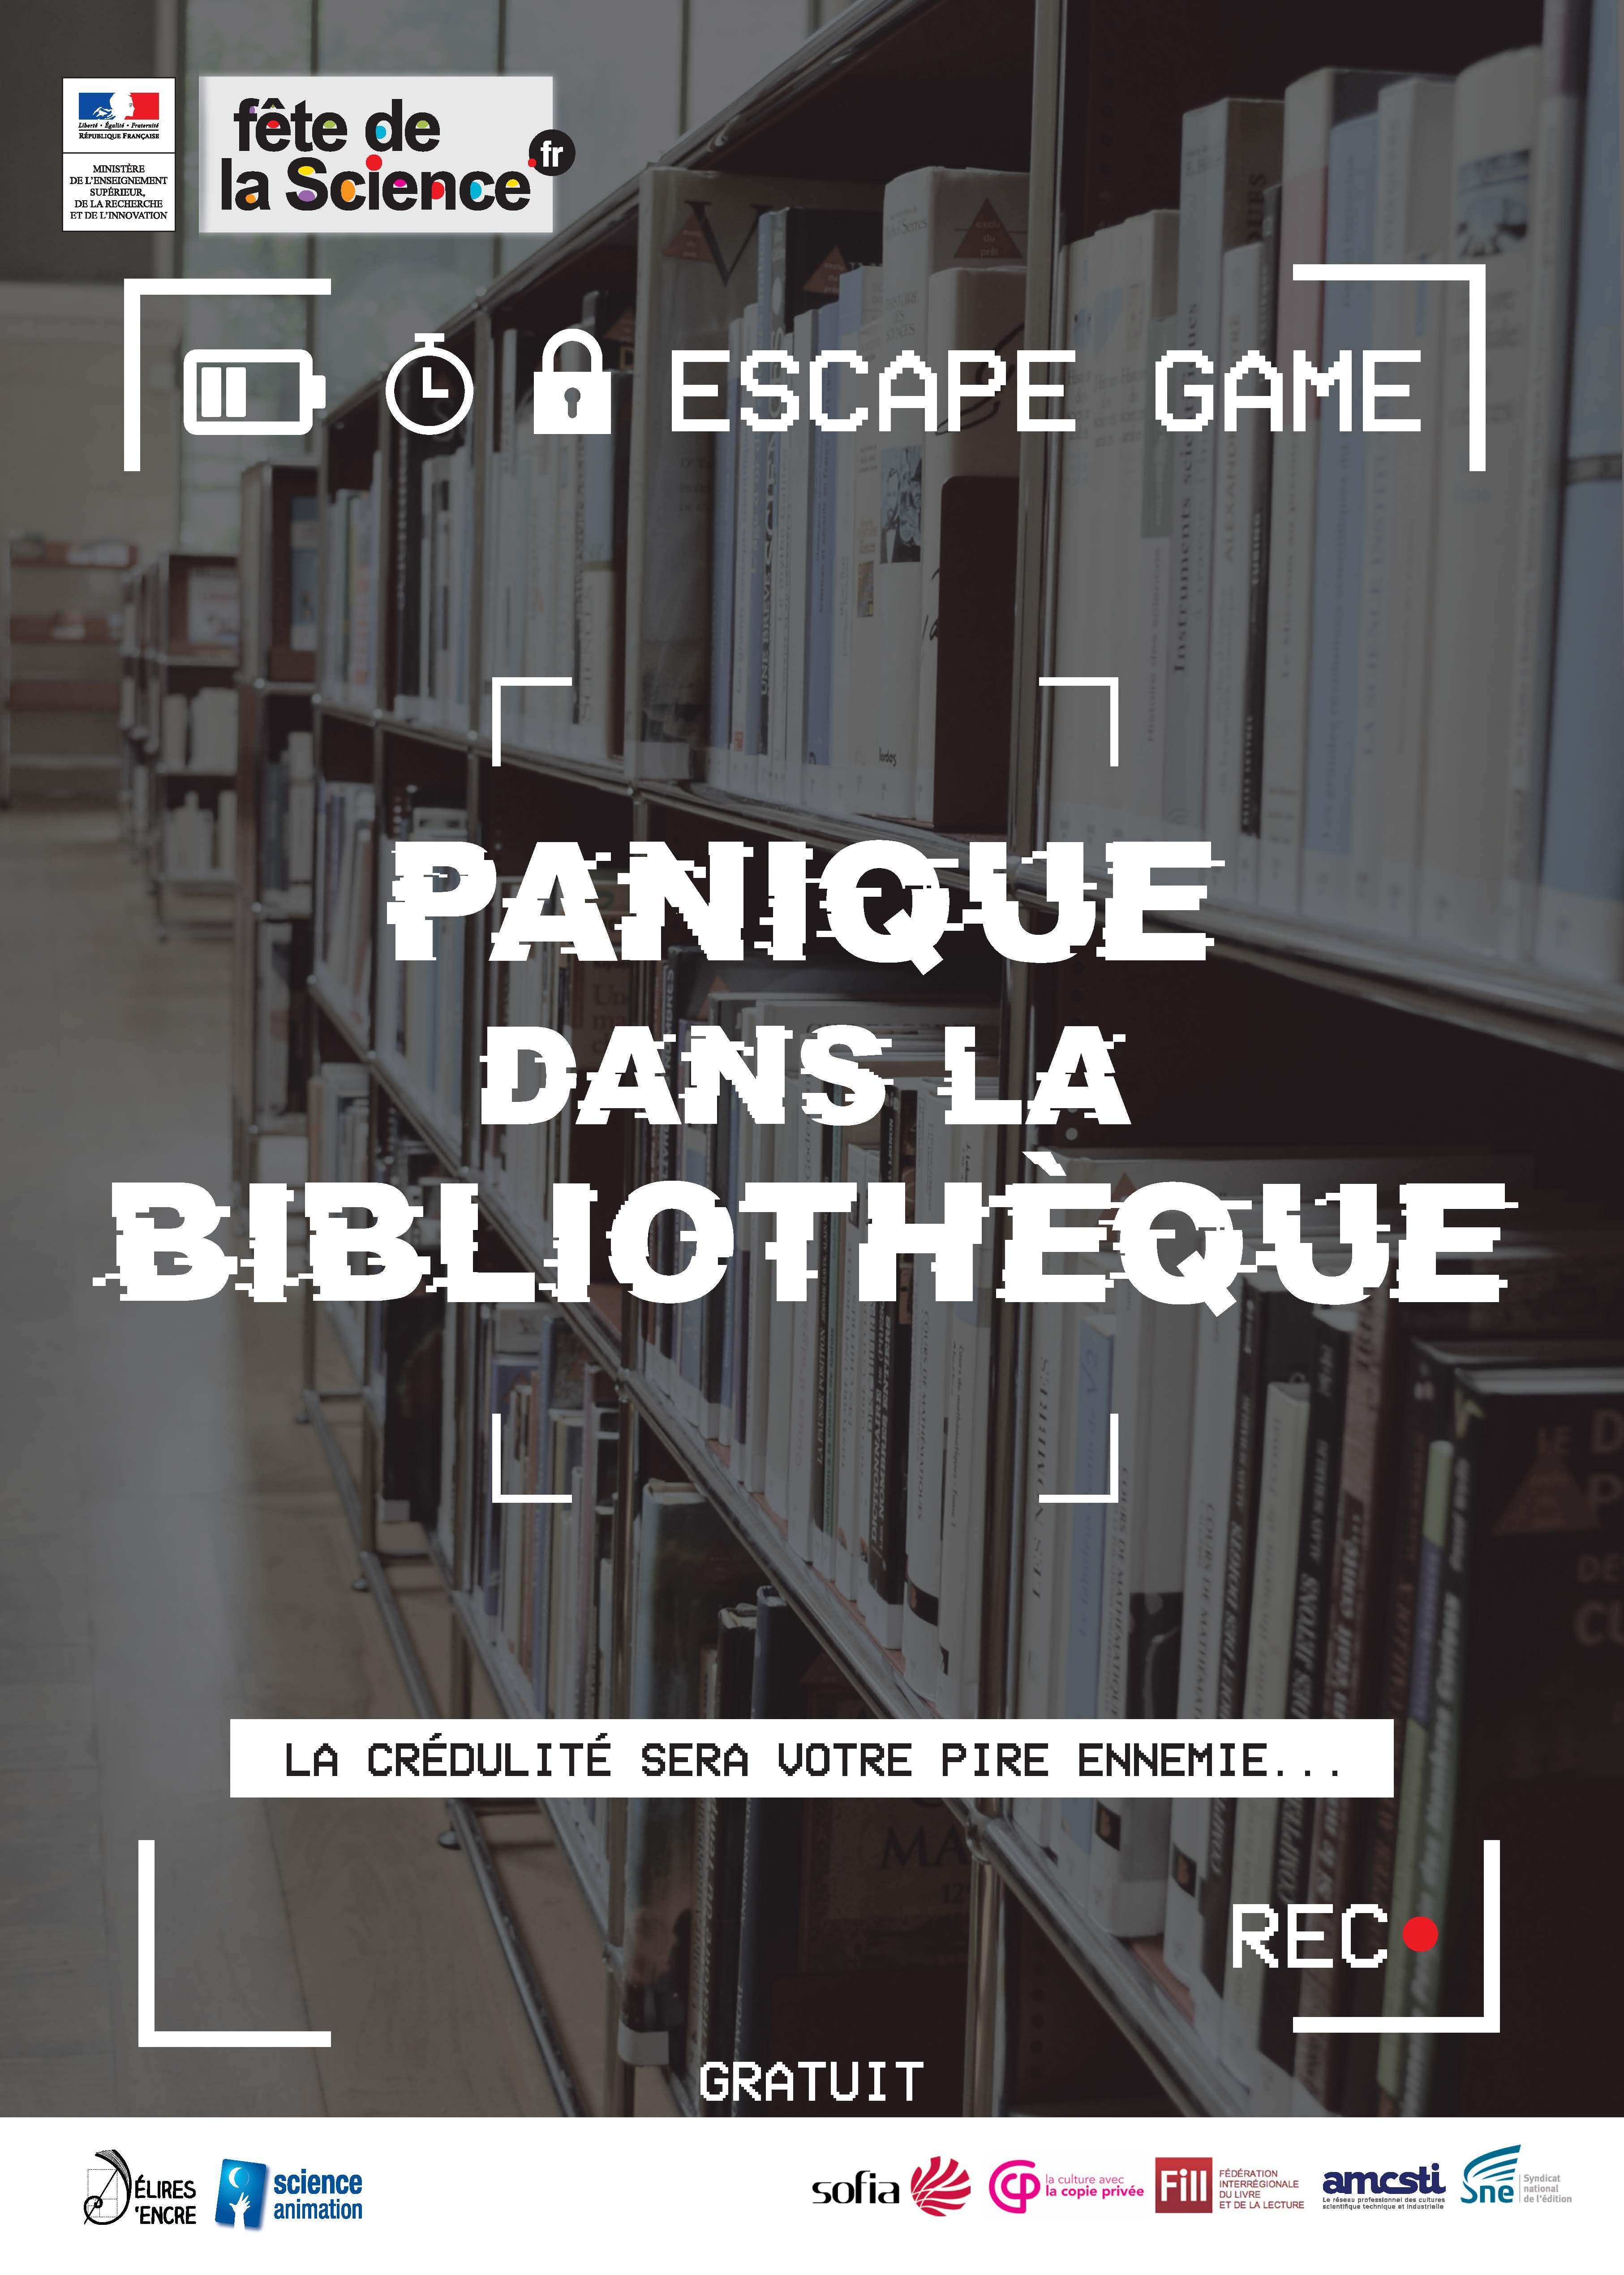 Fête de la Science 2020 / Panique dans la bibliothèque - Escape game |